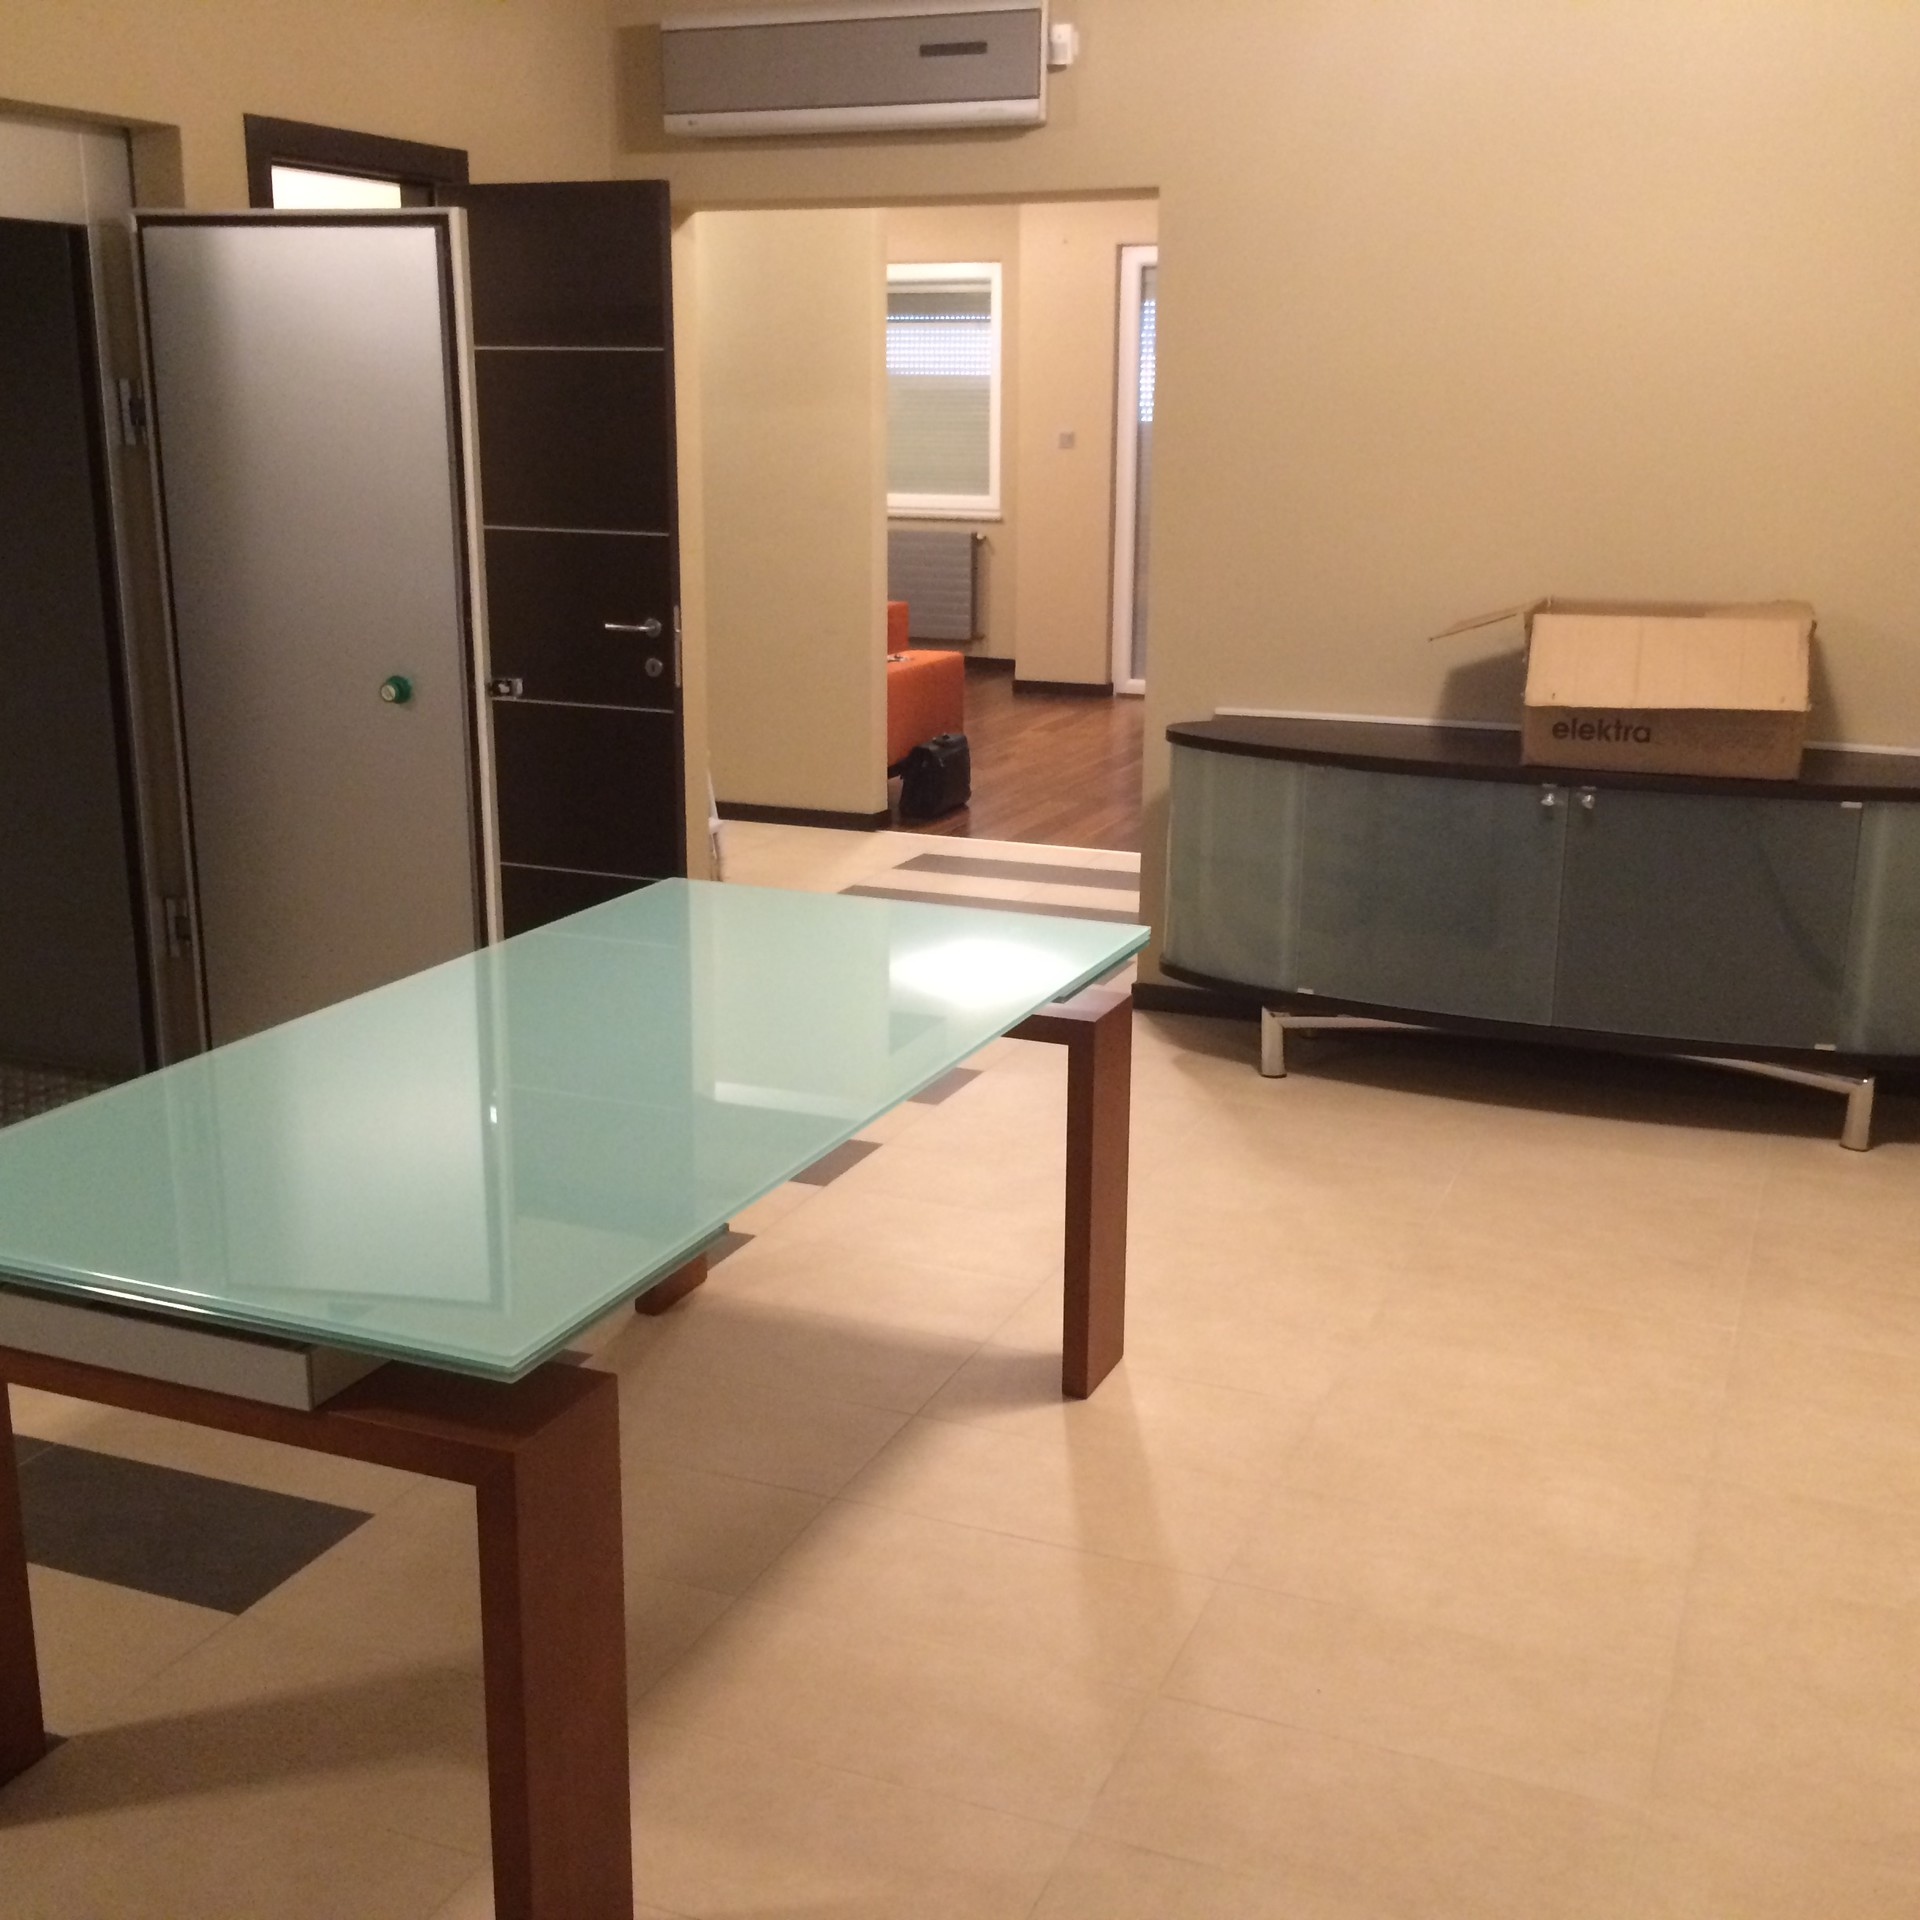 Exclusive flat for rent in Debrecen (Hadházi Street)  c666d4084b